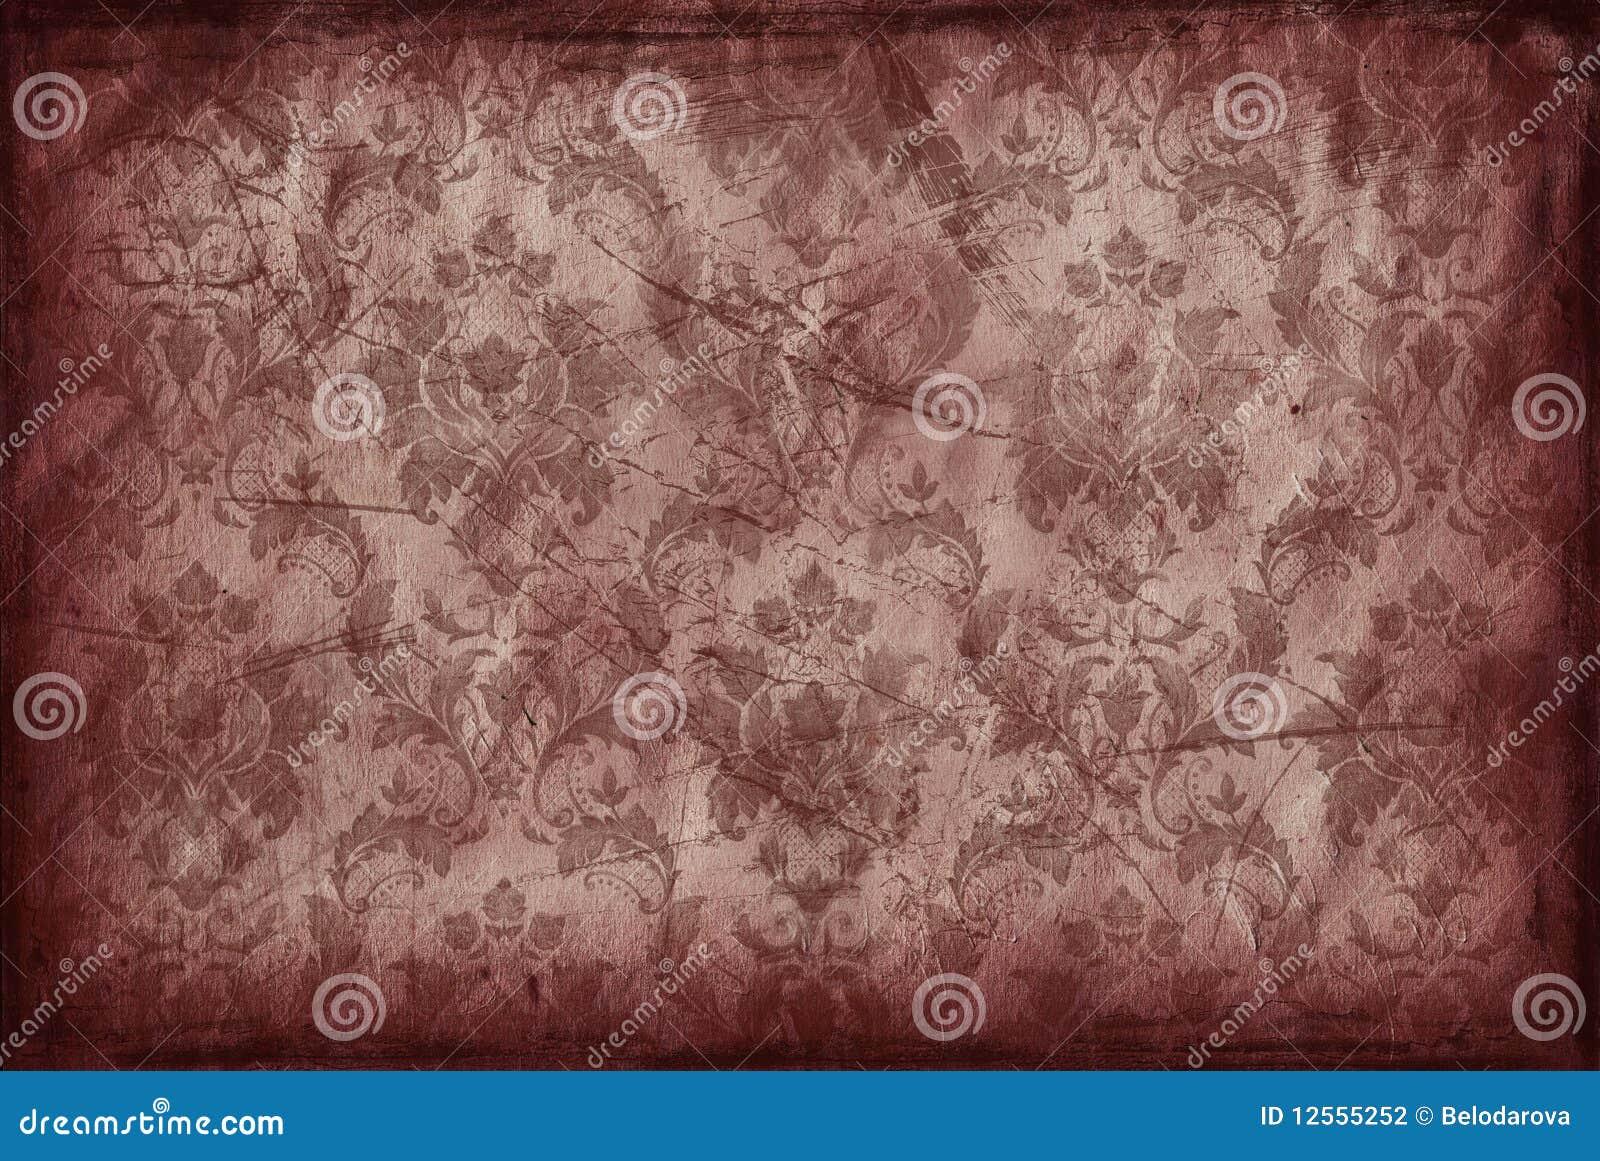 Fundo do vintage do papel de parede marrom velho - Papel pared vintage ...